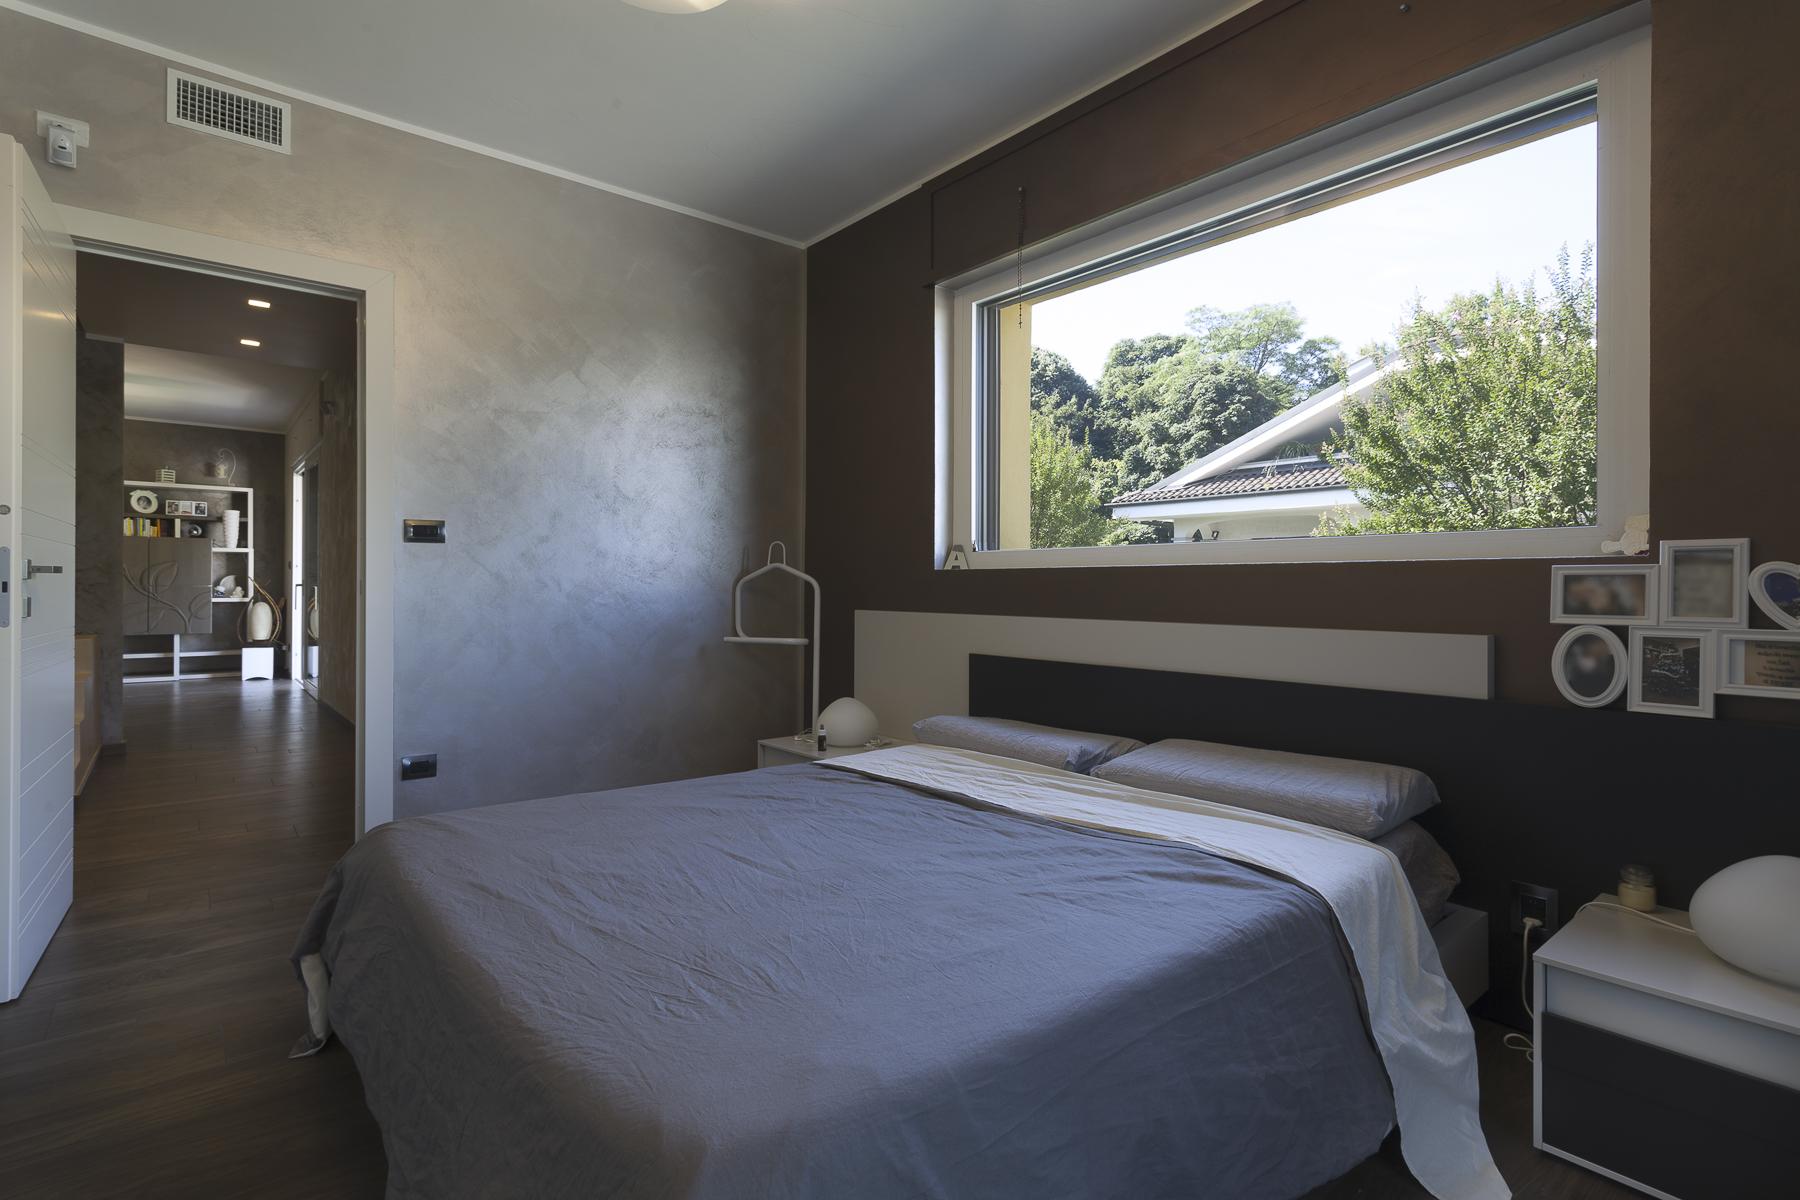 Casa indipendente in Vendita a Moncalieri: 5 locali, 250 mq - Foto 9